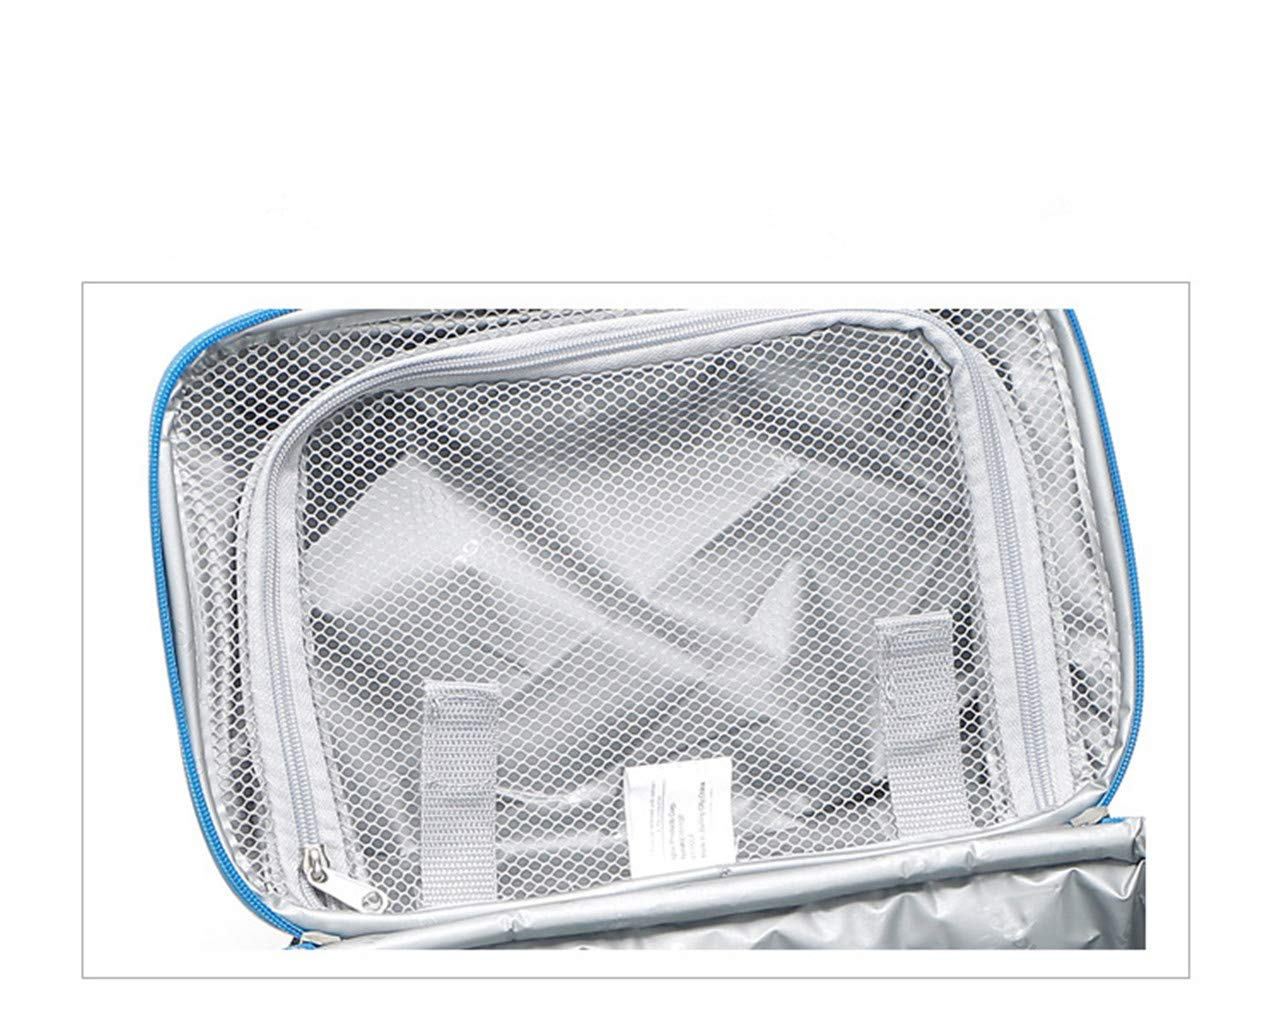 Thermique /étanche pour Femmes Famille Enfants en Plein Air Camping Isotherme Pique Nique Sac D/éjeuner